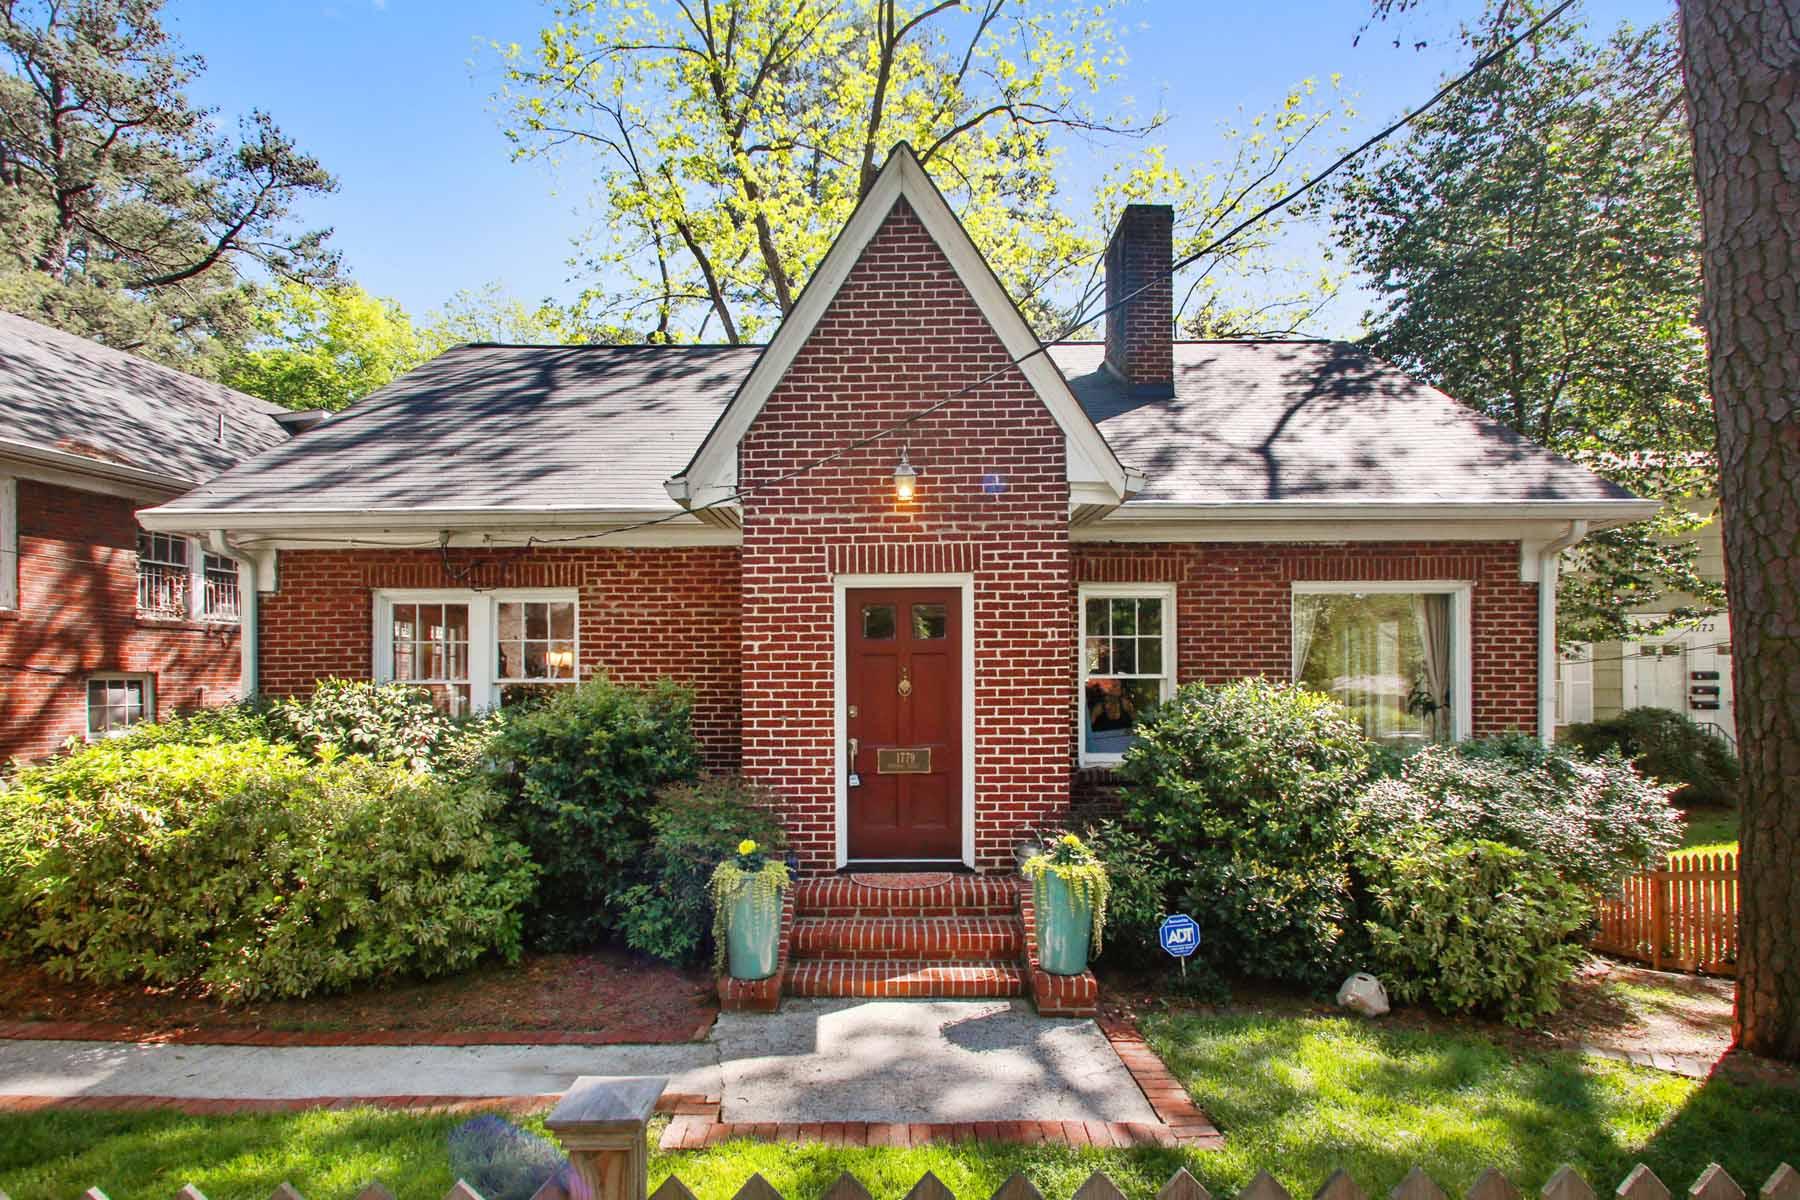 Частный односемейный дом для того Продажа на Renovated Brick Charmer 1779 Monroe Drive NE Atlanta, Джорджия, 30324 Соединенные Штаты